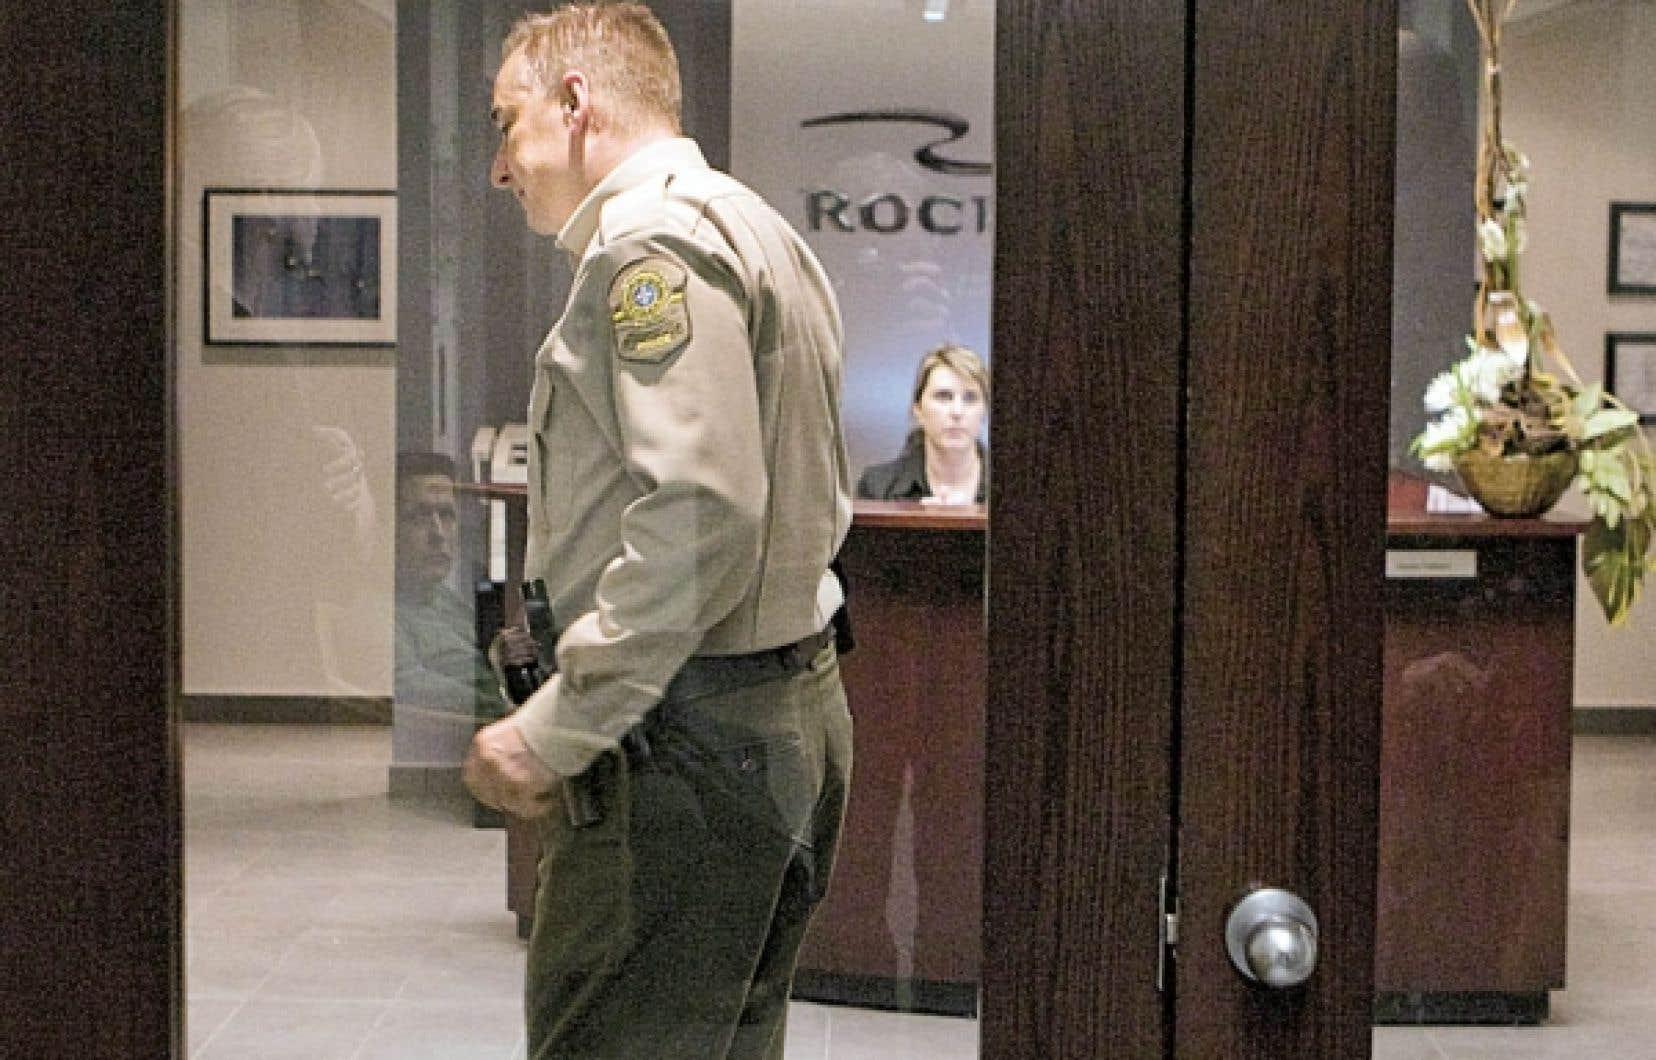 La perquisition policière a eu lieu en même temps dans les locaux de Roche à Québec et Montréal, monopolisant plus d'une vingtaine d'agents dans chaque bureau.